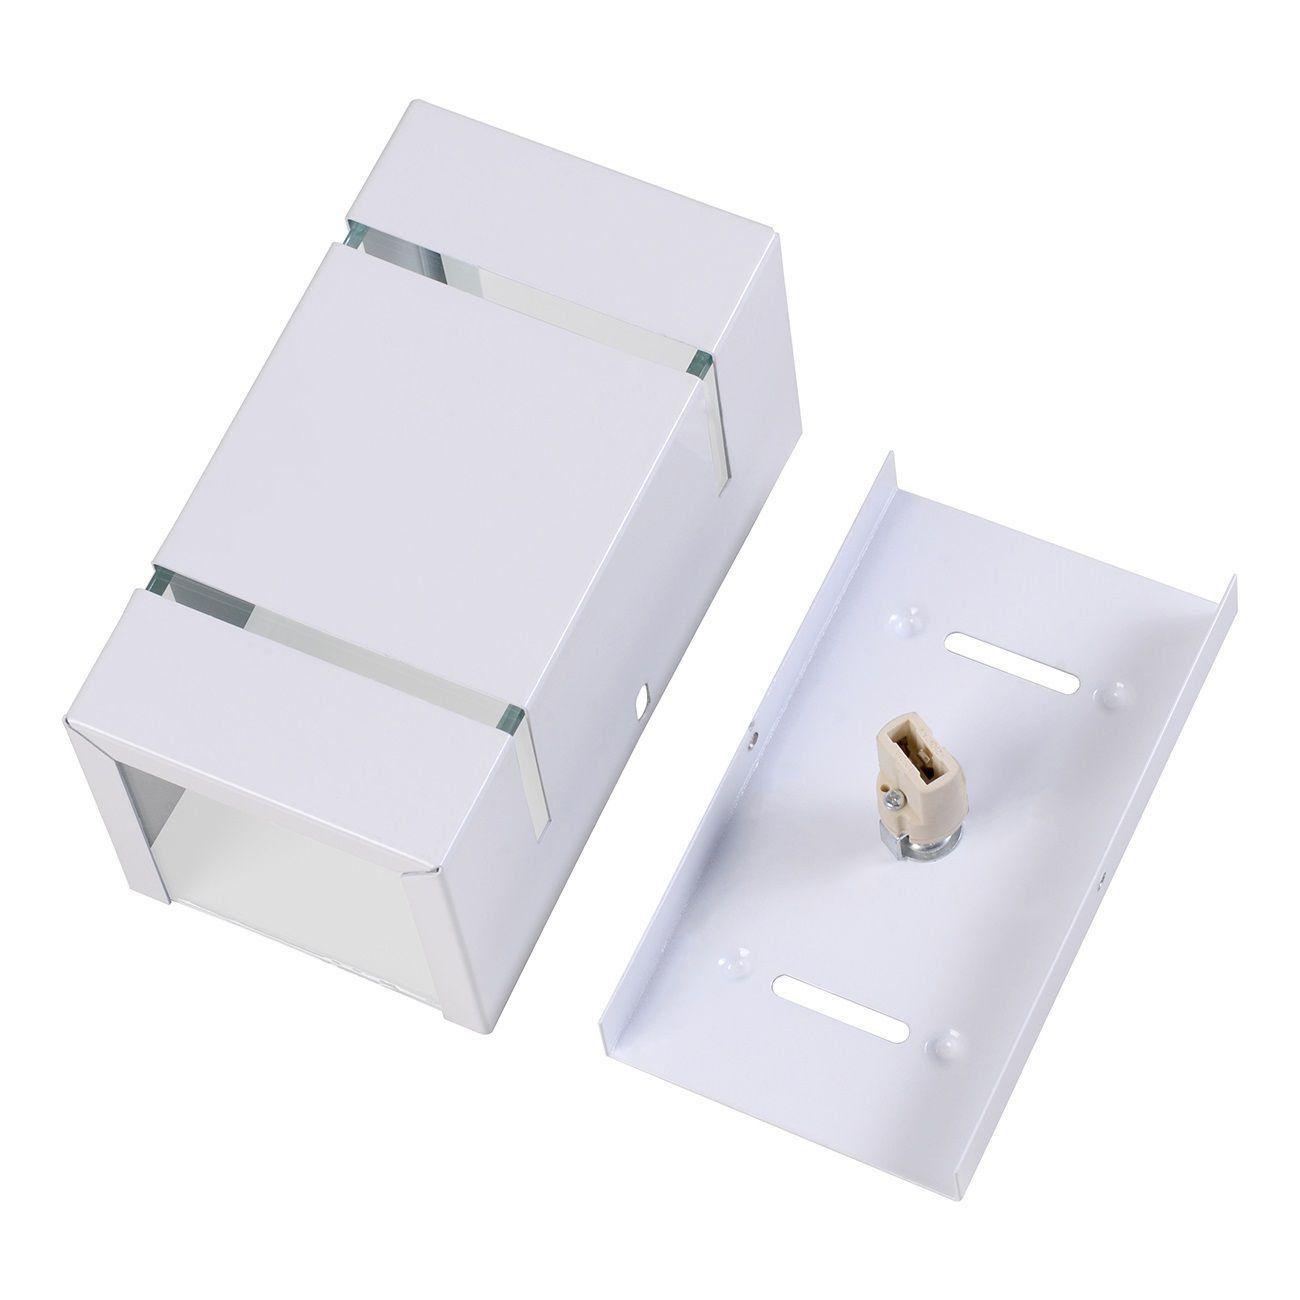 Arandela Catarina 8cm 2 Fachos Frisos Externa Interna Muro Parede Alumínio Branco - Rei da Iluminação